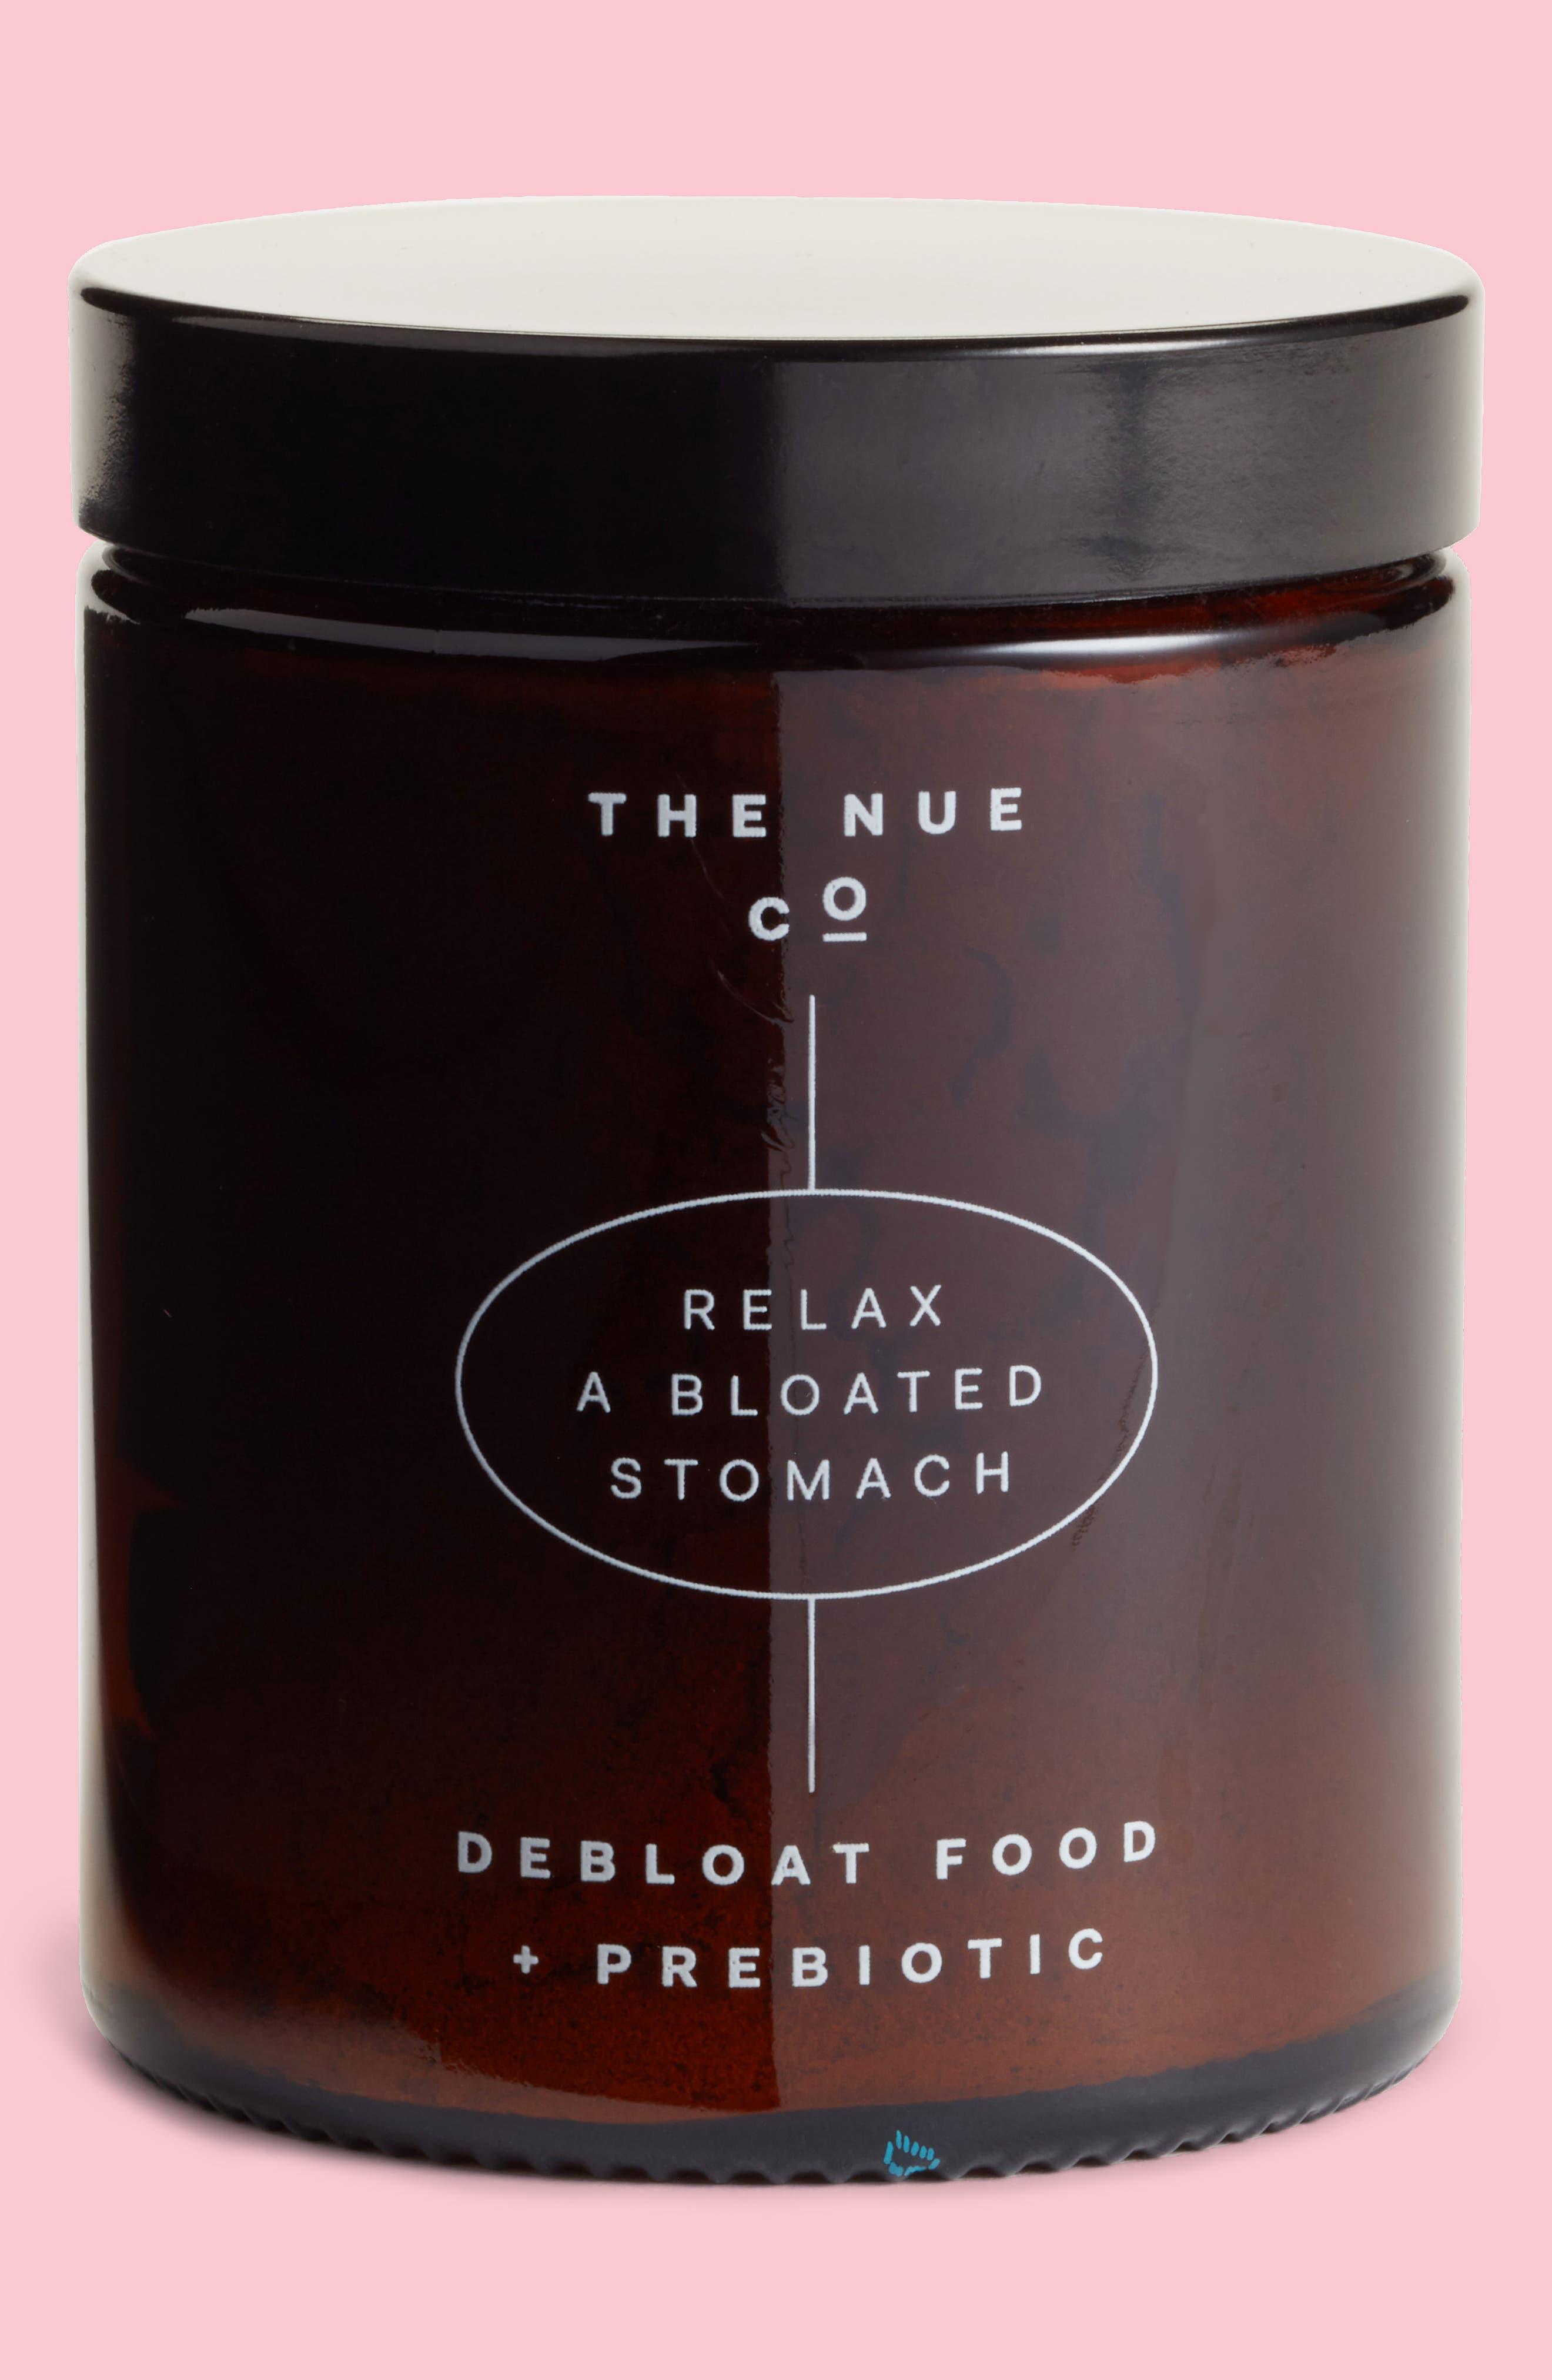 Debloat Food + Prebiotic Dietary Supplement,                             Main thumbnail 1, color,                             960